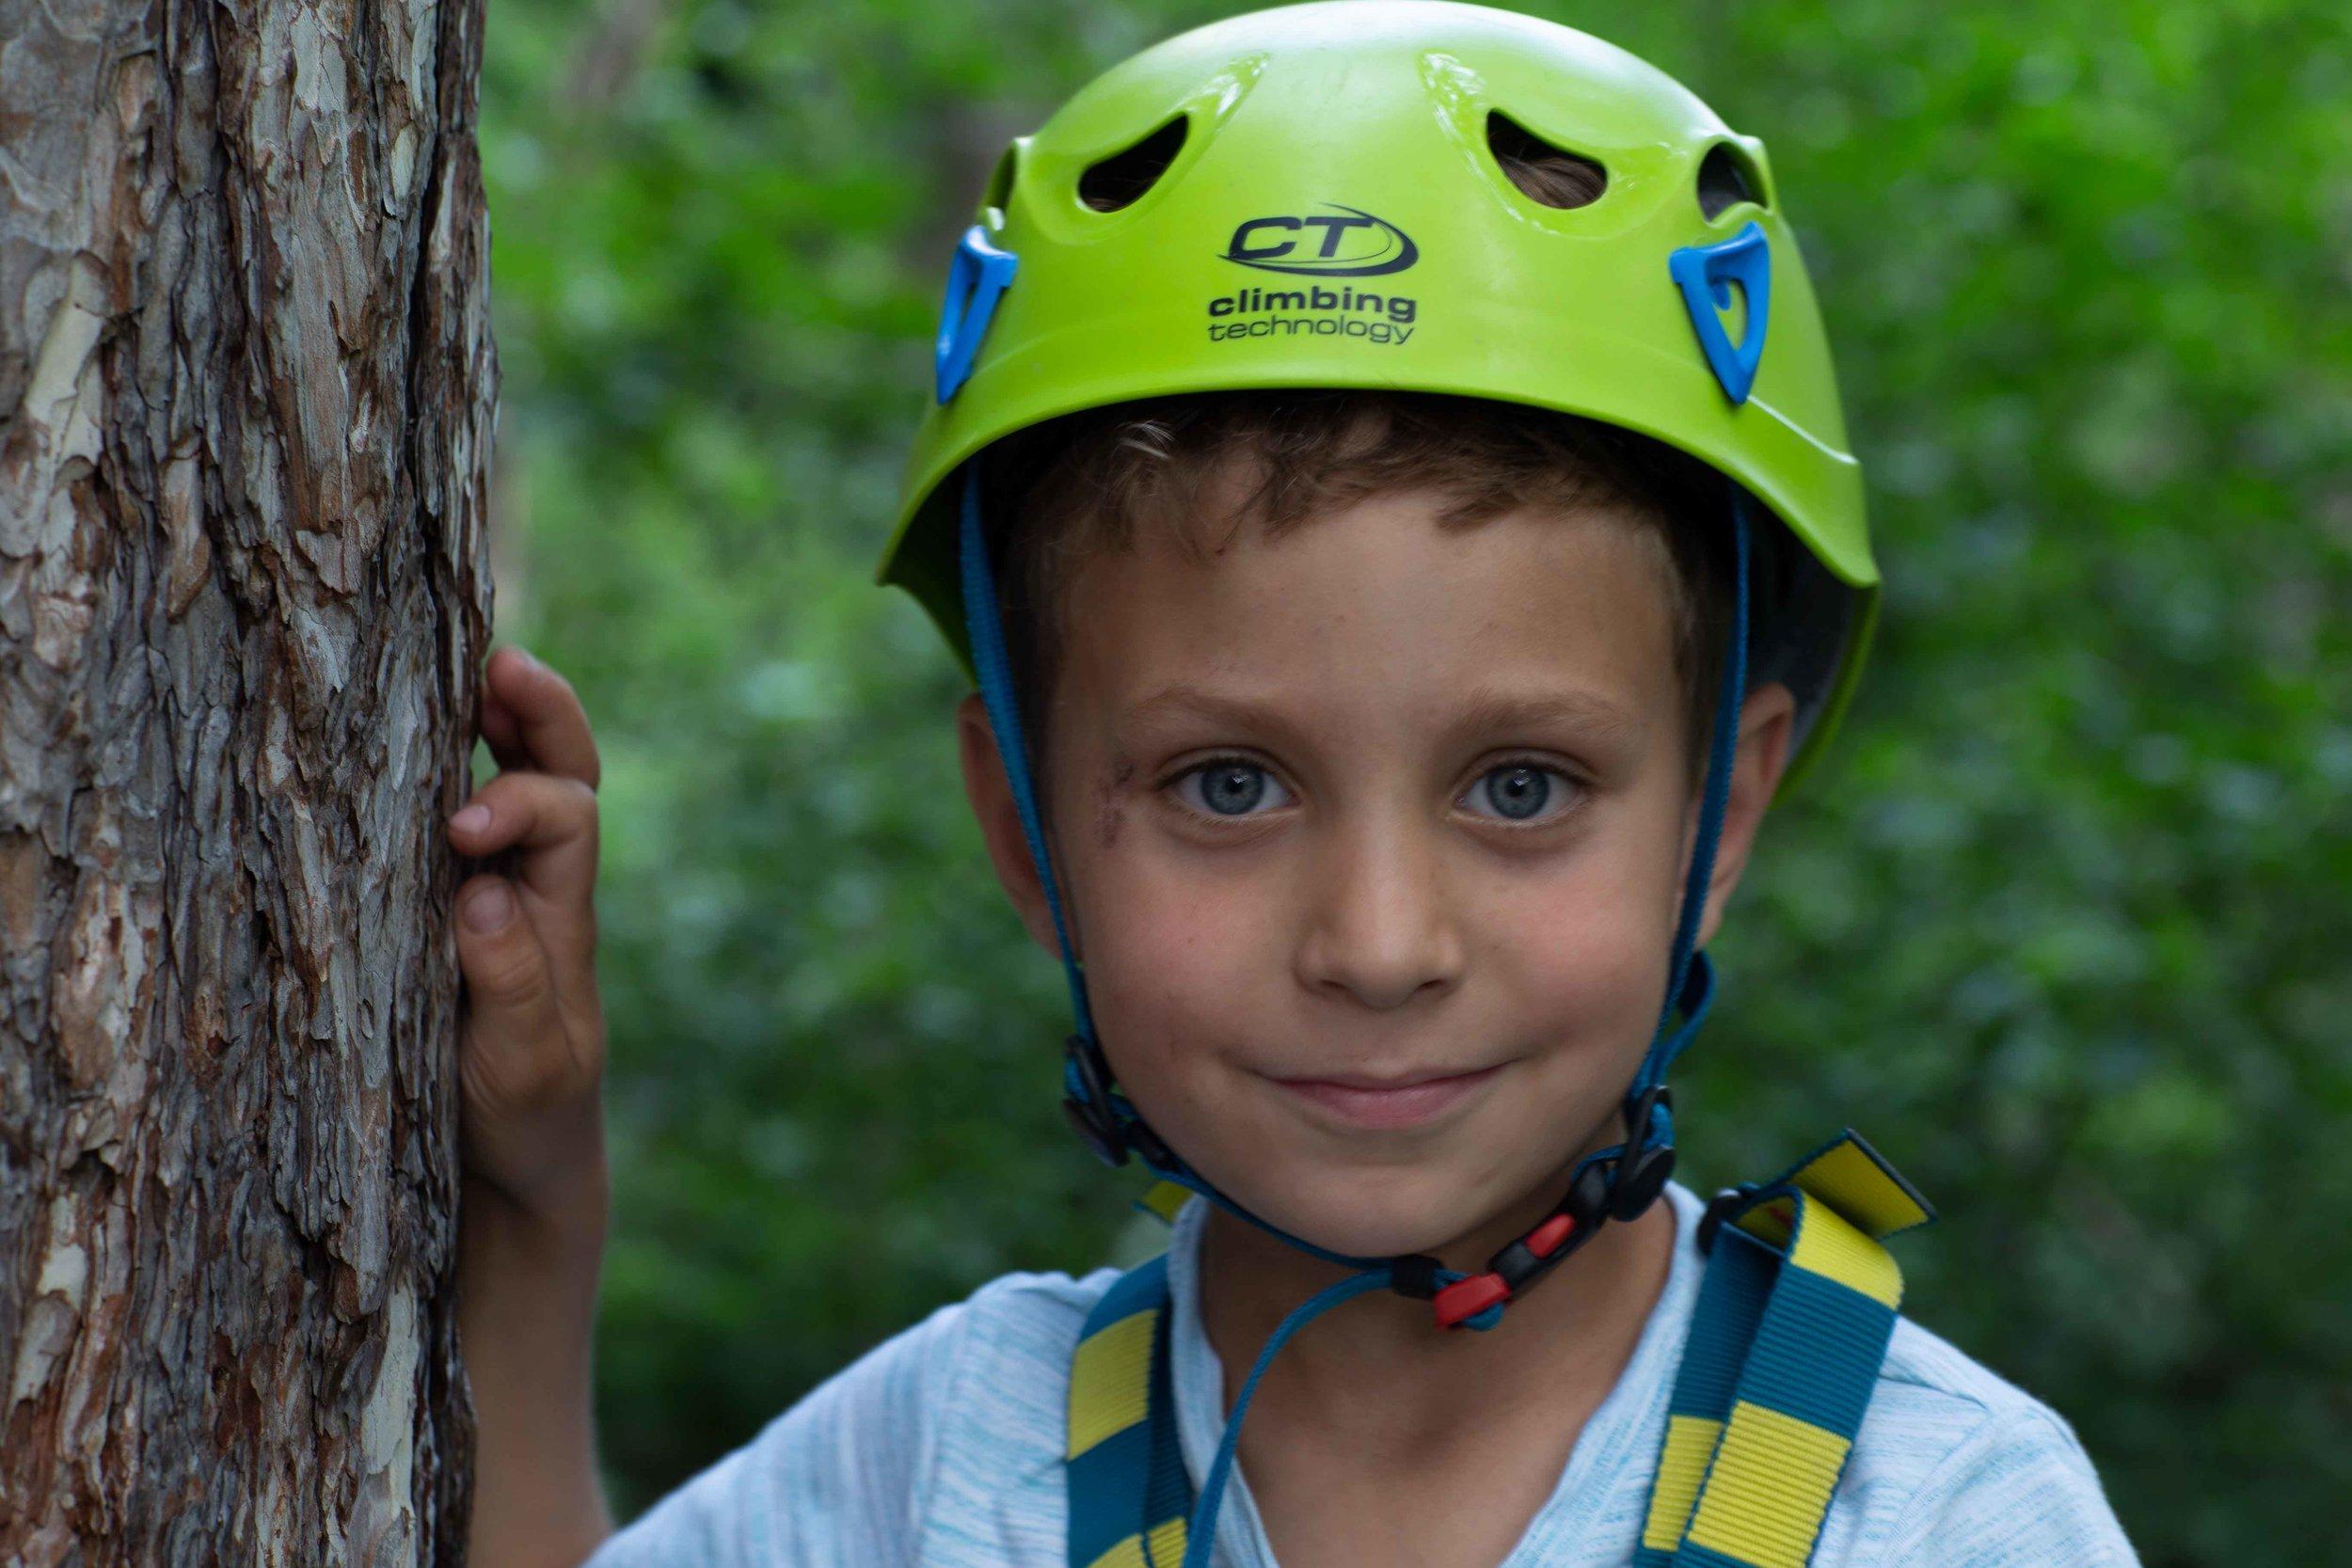 Zaključni plezalni izlet za otroke Grif_106.jpg